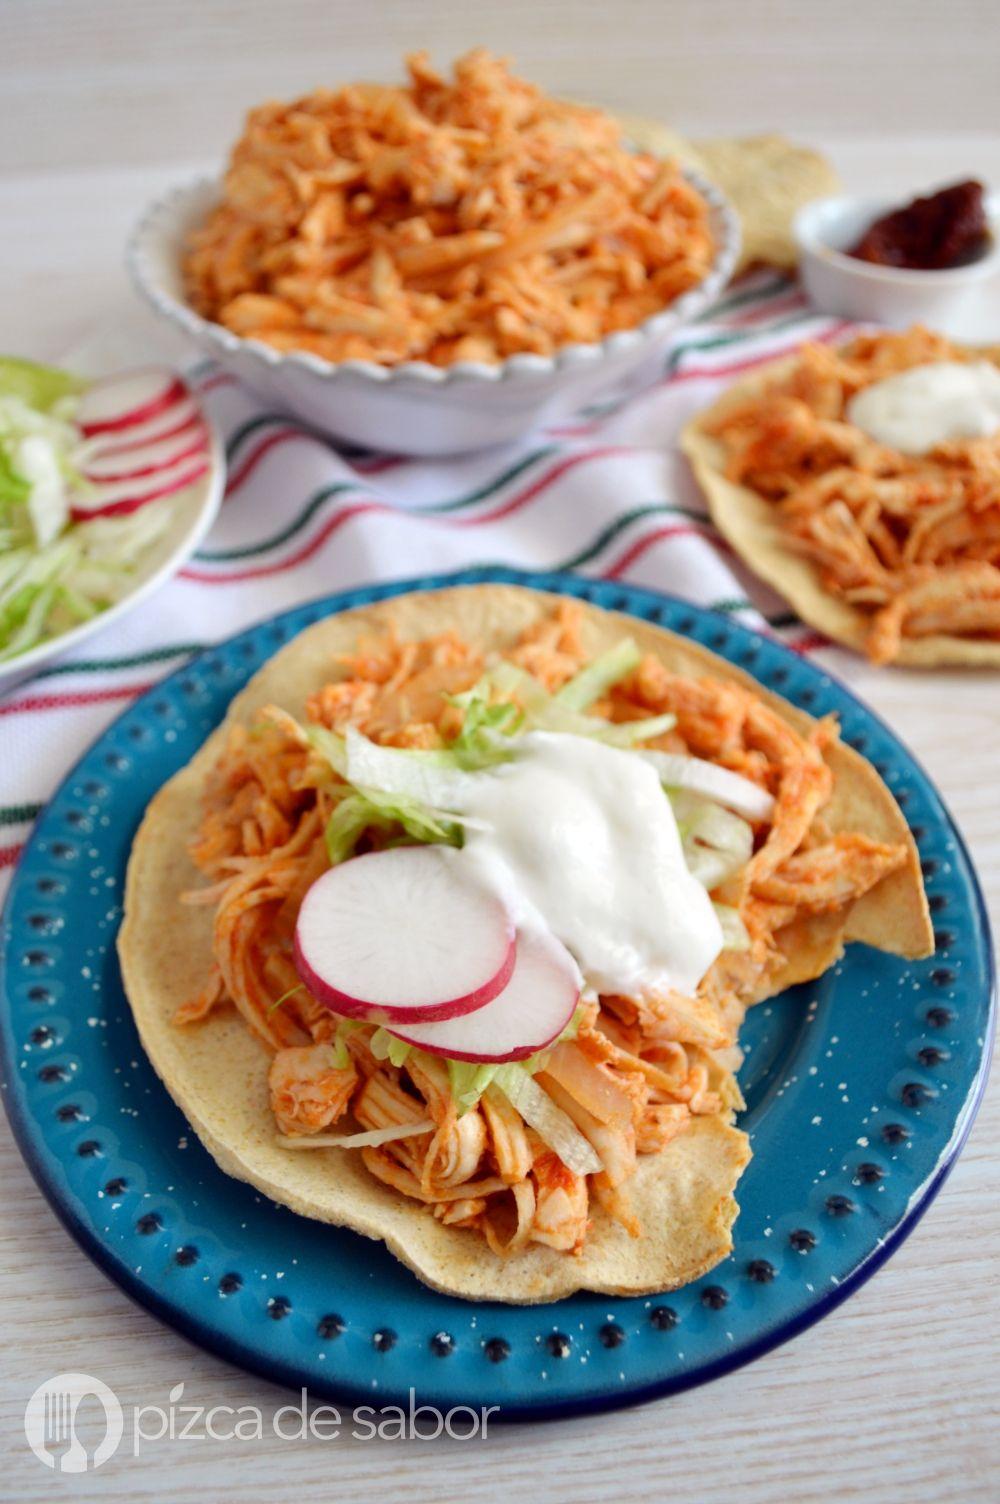 Tinga de pollo  Receta  Mexican Recepie  Tinga de pollo